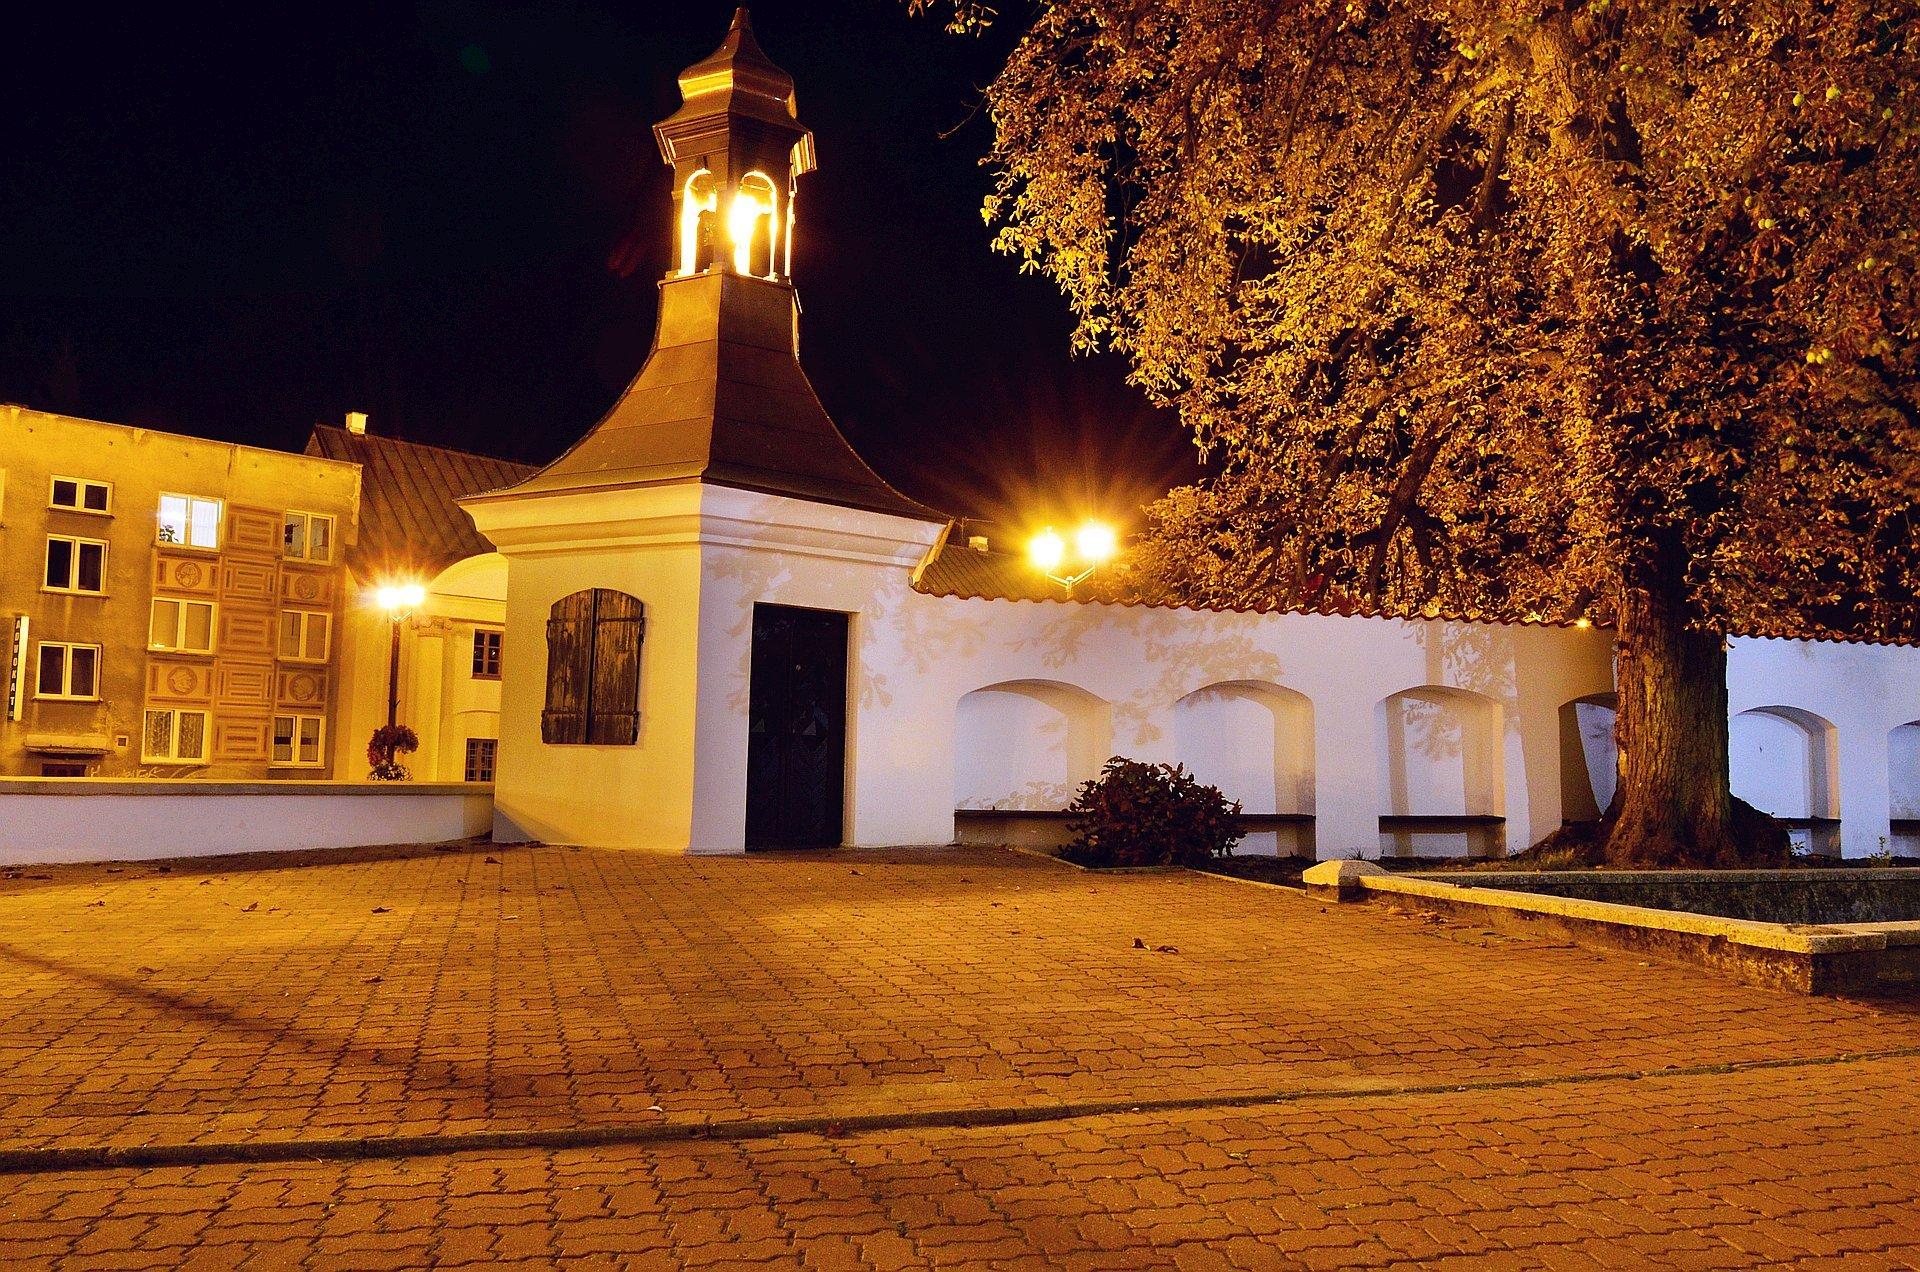 Białystok centrum noc nocą katedra kościół Rynek Kościuszkifree photo darmowe zdjęcie